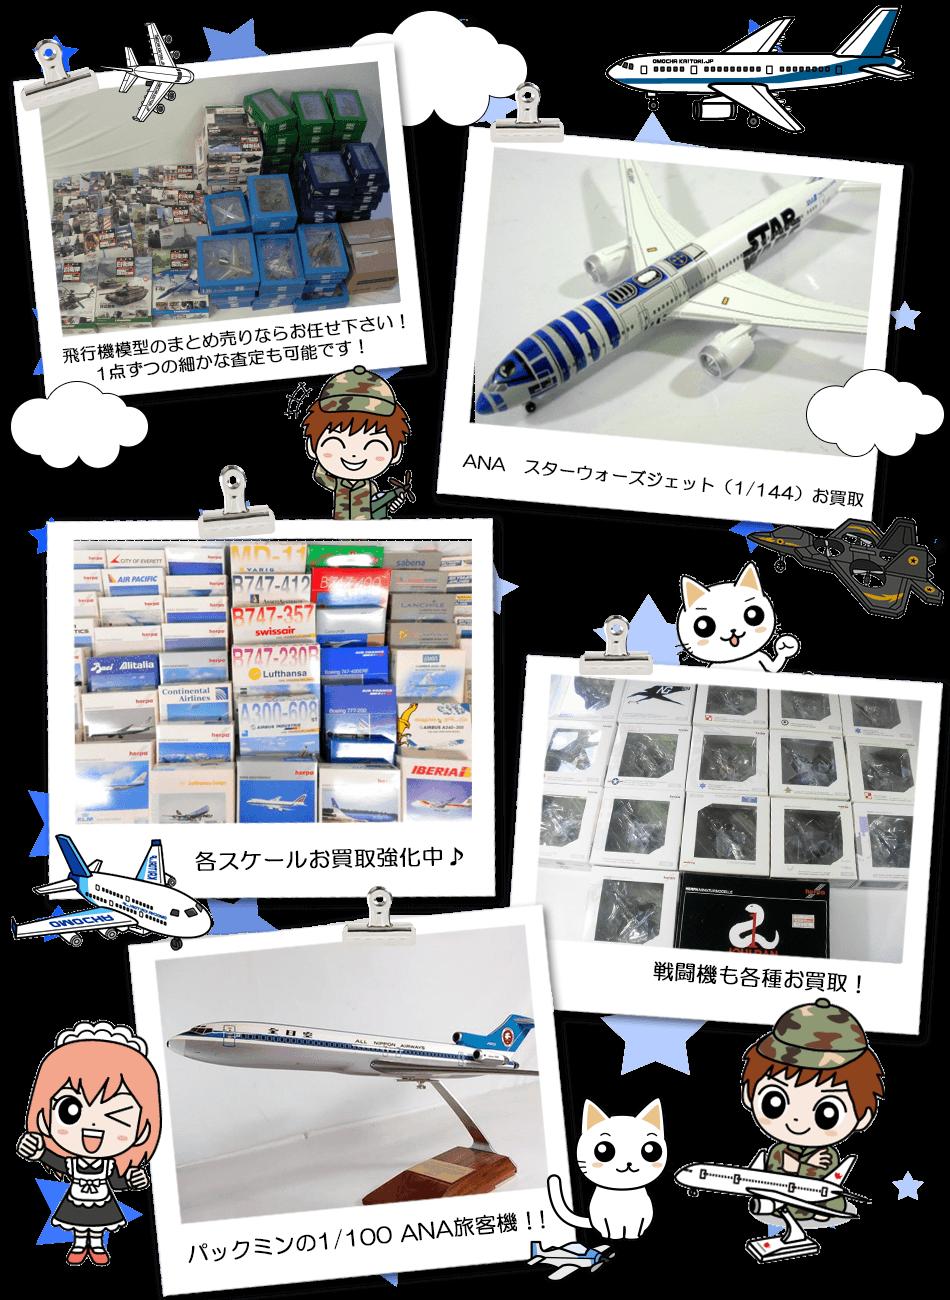 飛行機模型のお買取に沢山の実績がございます!その一部をご紹介させて頂きます!